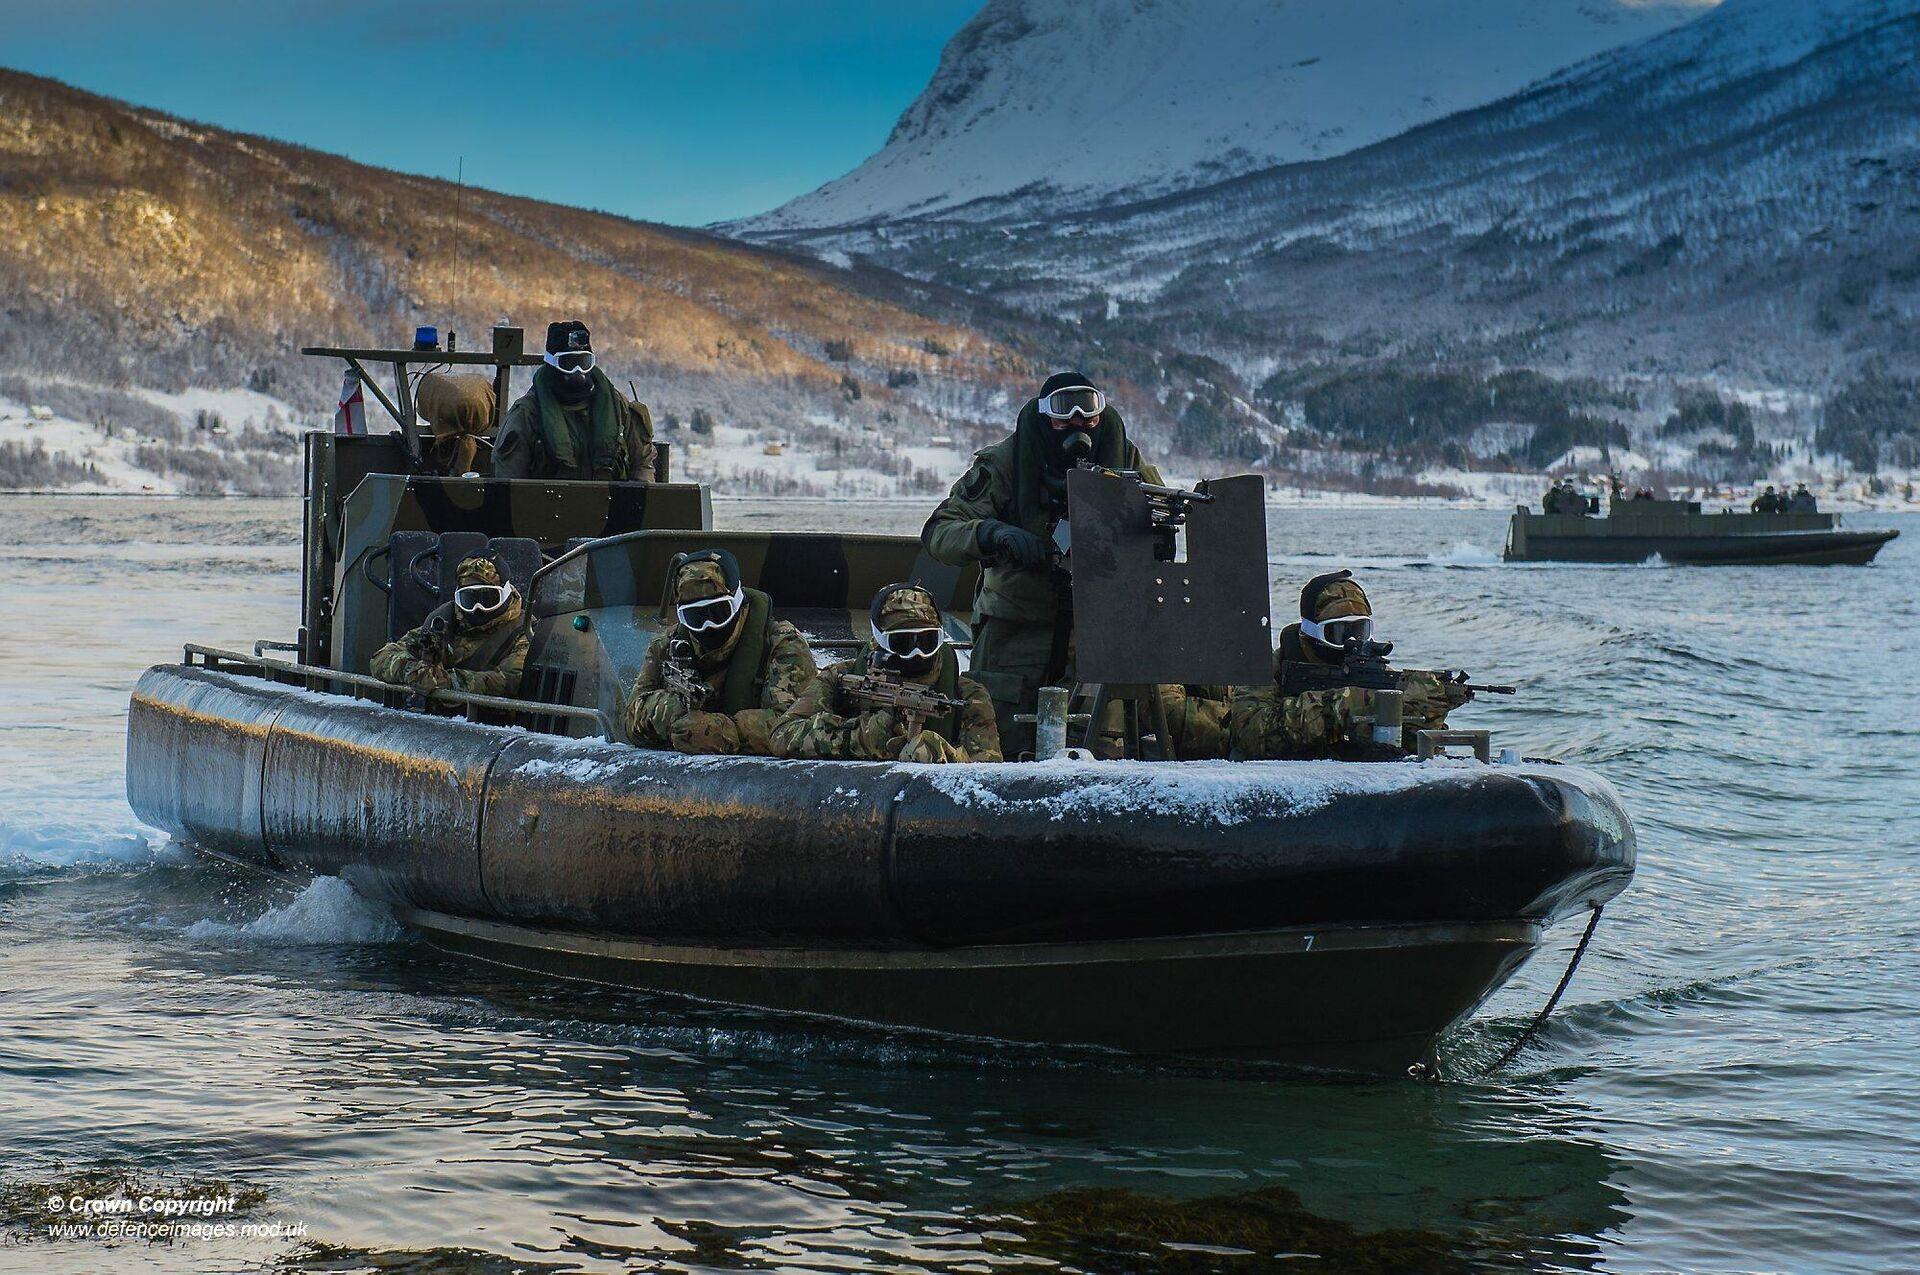 Британские военные во время учений НАТО в Норвегии - РИА Новости, 1920, 21.01.2021